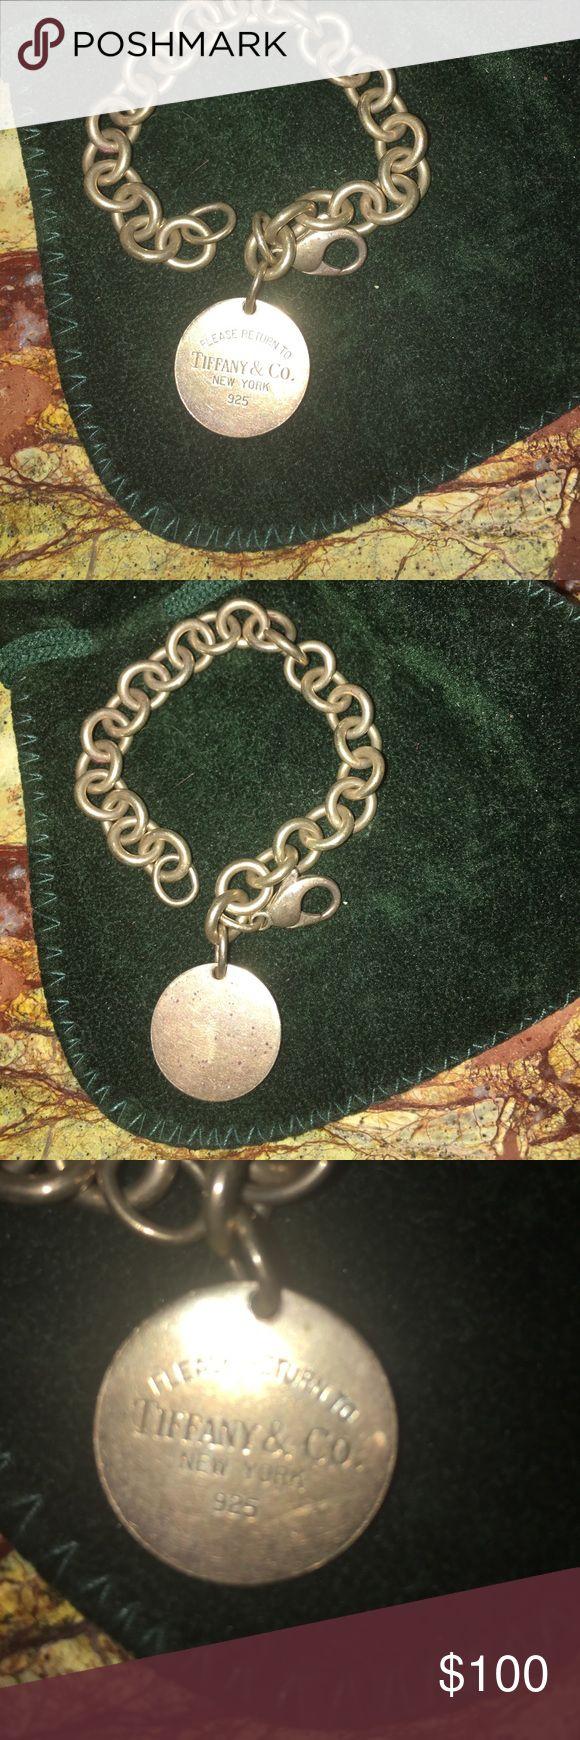 Tiffany round tag charm bracelet Tiffany round charm bracelet, used, silver needs cleaning. Tiffany & Co. Jewelry Bracelets